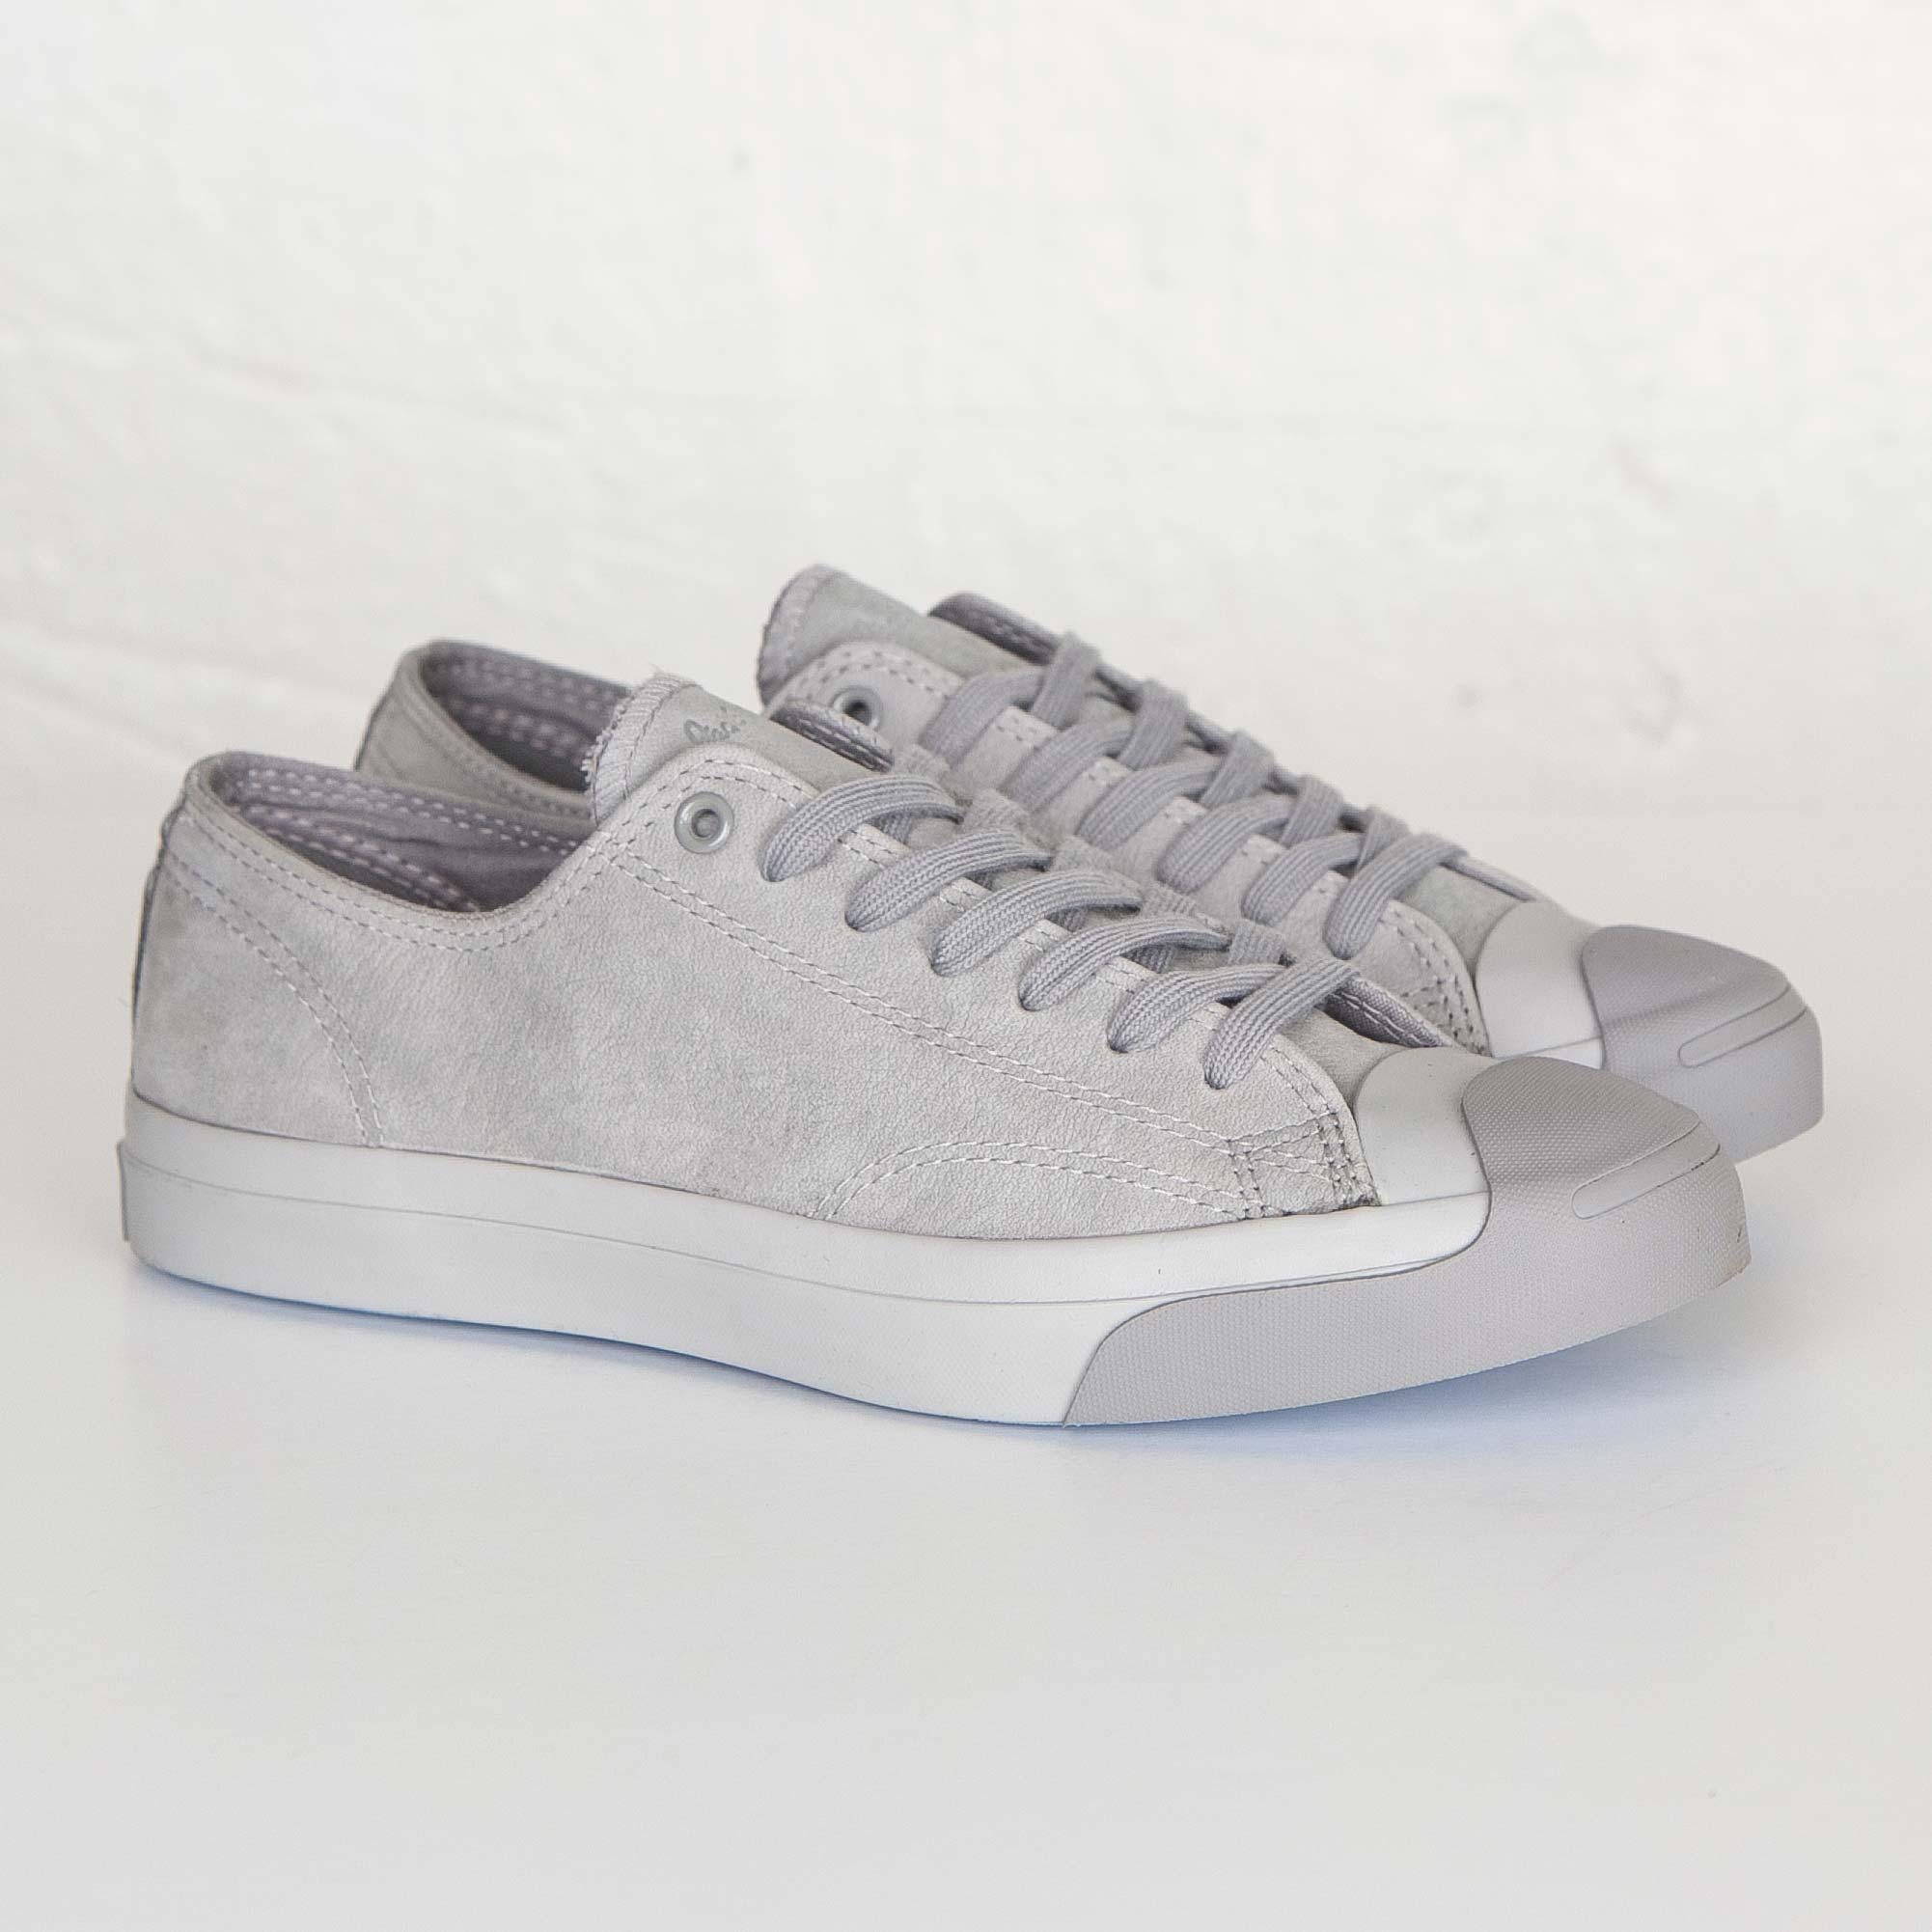 f818e11cf106 Converse Jack Purcell Mono - 149921c - Sneakersnstuff